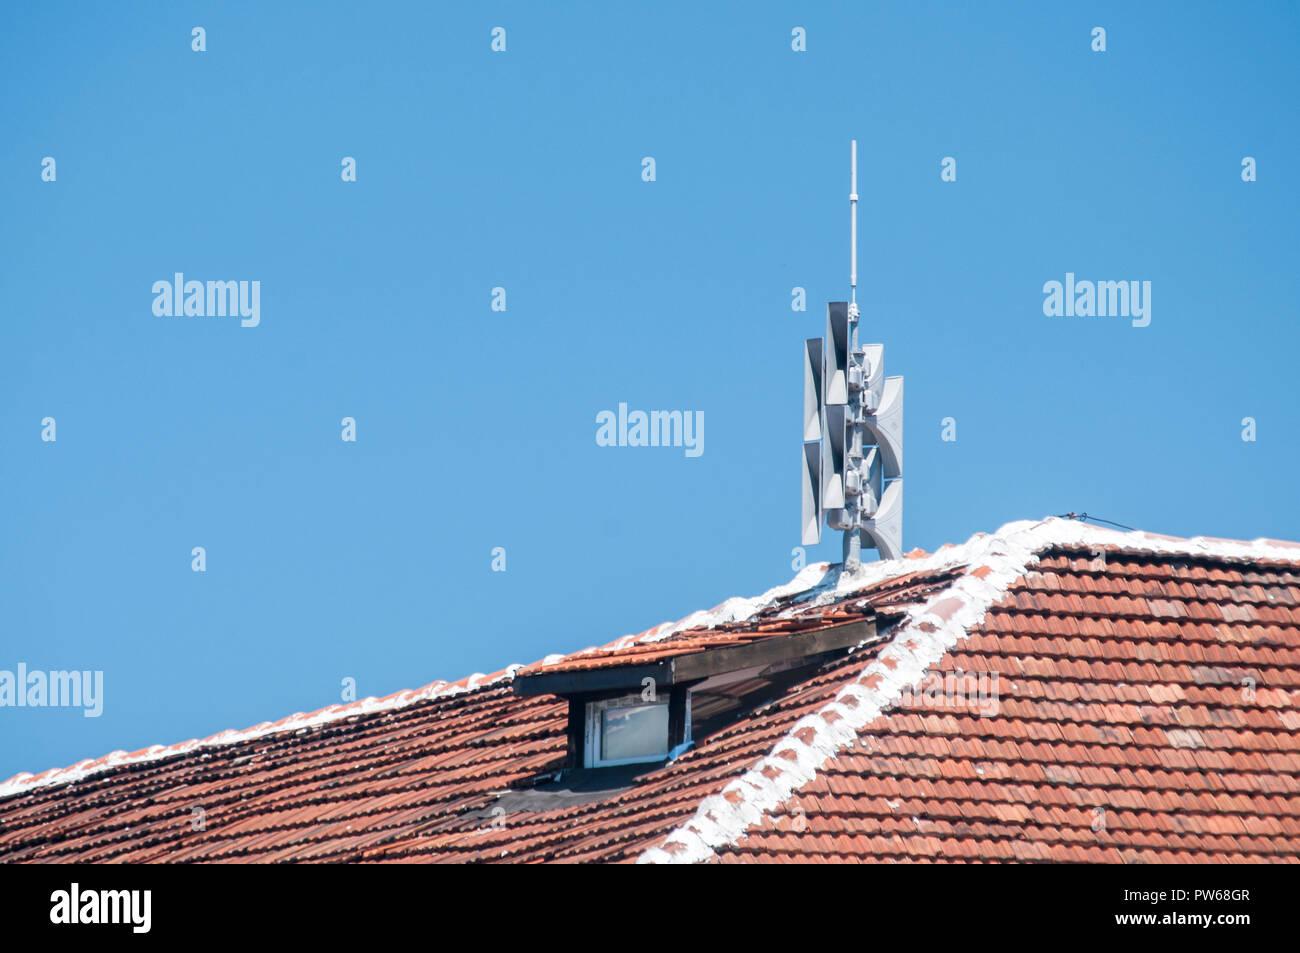 Il tetto del vintage house ricoperti di piastrelle in ceramica e le